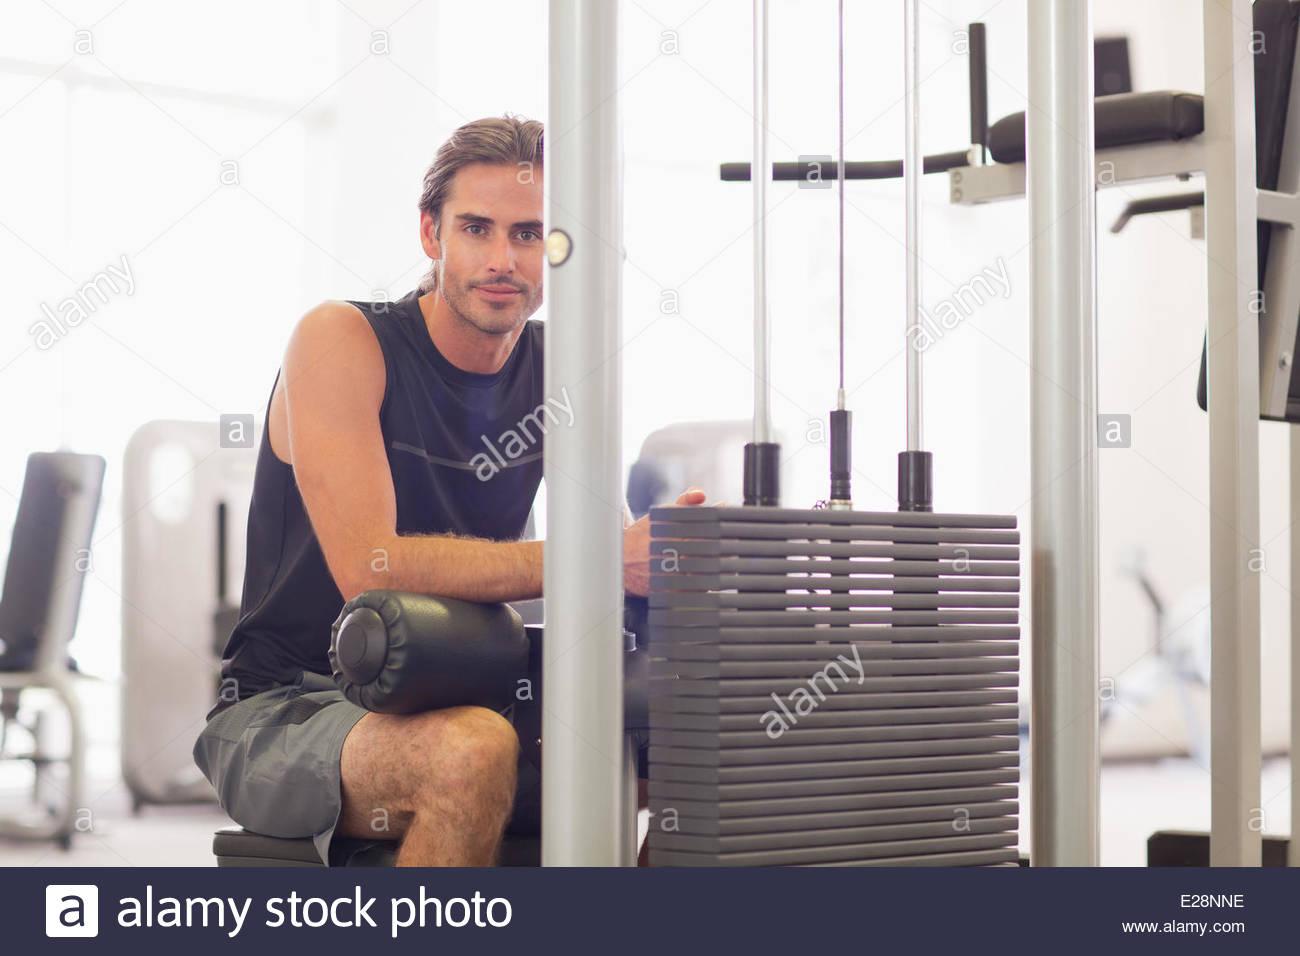 Ritratto di uomo sorridente con attrezzature per esercizi in palestra Immagini Stock